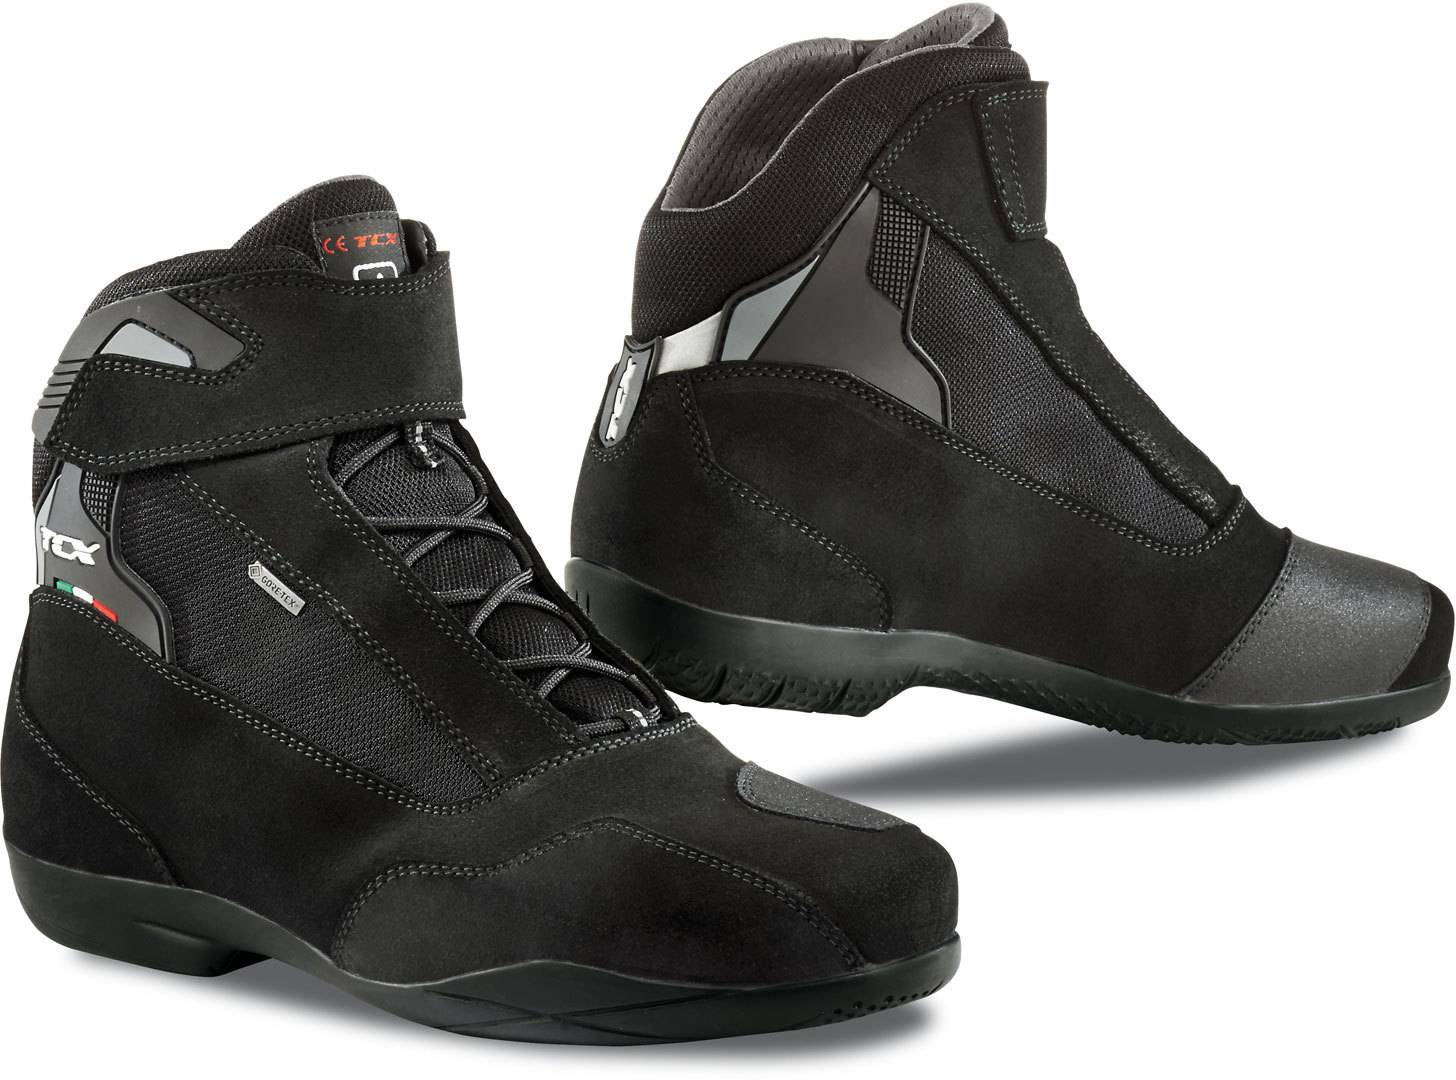 TCX Jupiter 4 Gore-Tex Motorcycle Shoes Black 48